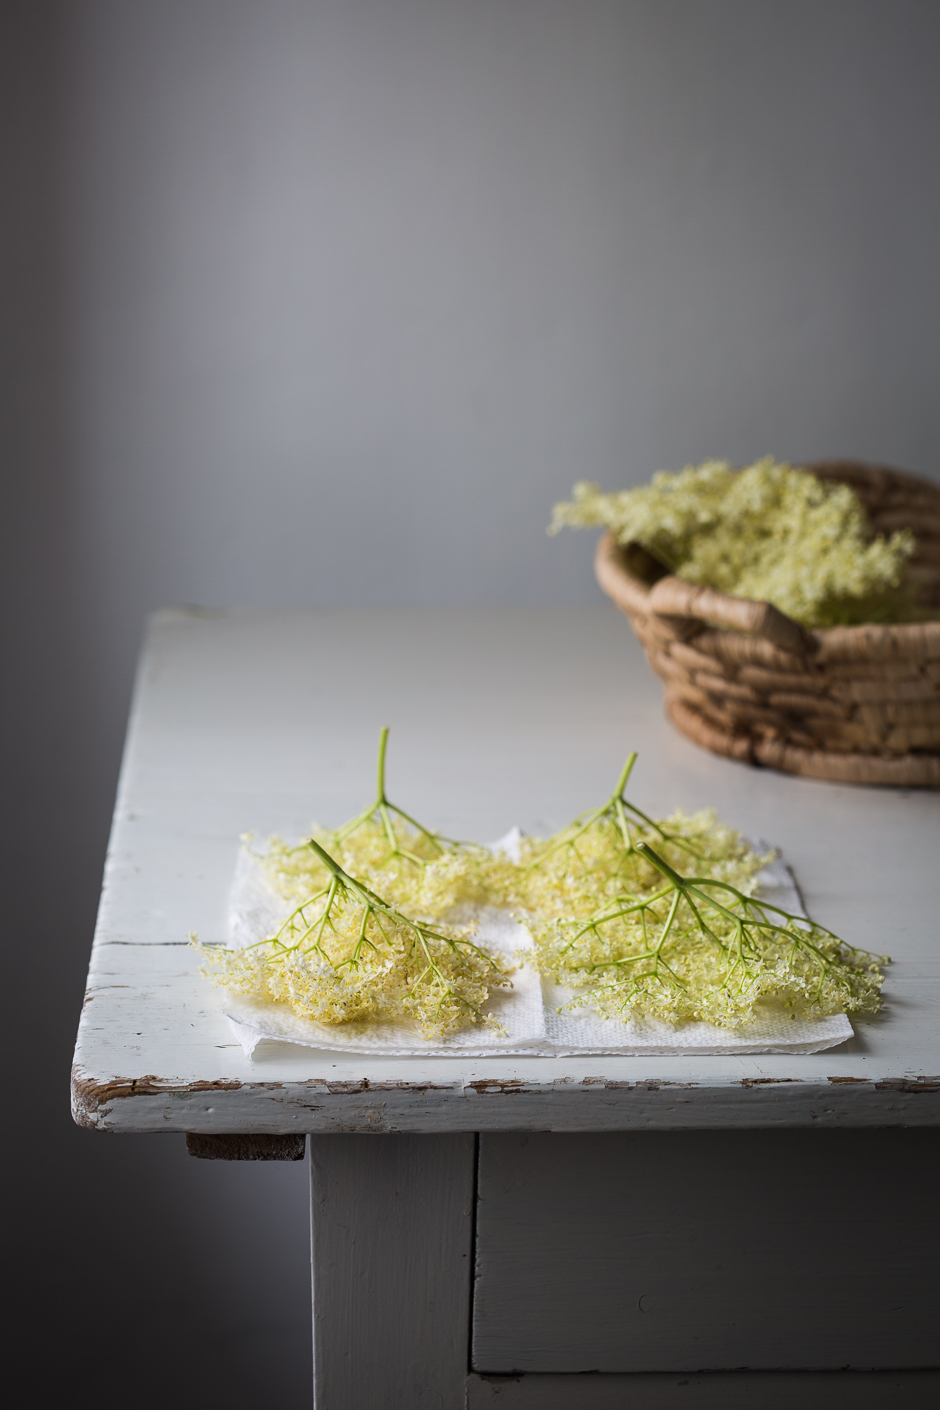 palacsintatésztában sült bodzavirág az Emlékek Íze konyhájából www.emlekekize.hu